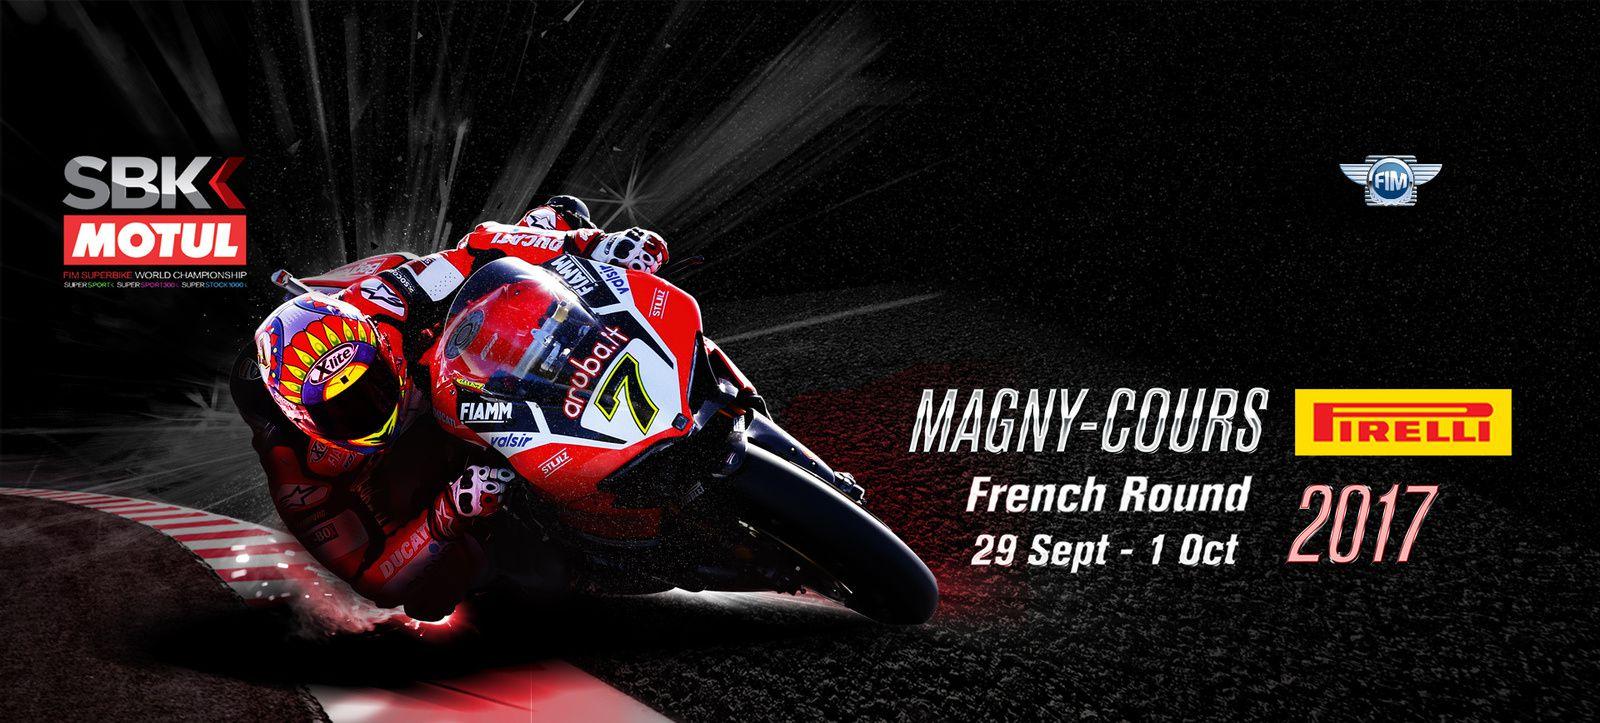 C'est ce weekend que se déroulera le grand prix de France WSBK !  Bonne chance aux pilotes et aux membres tenant les relais motos ce weekend...